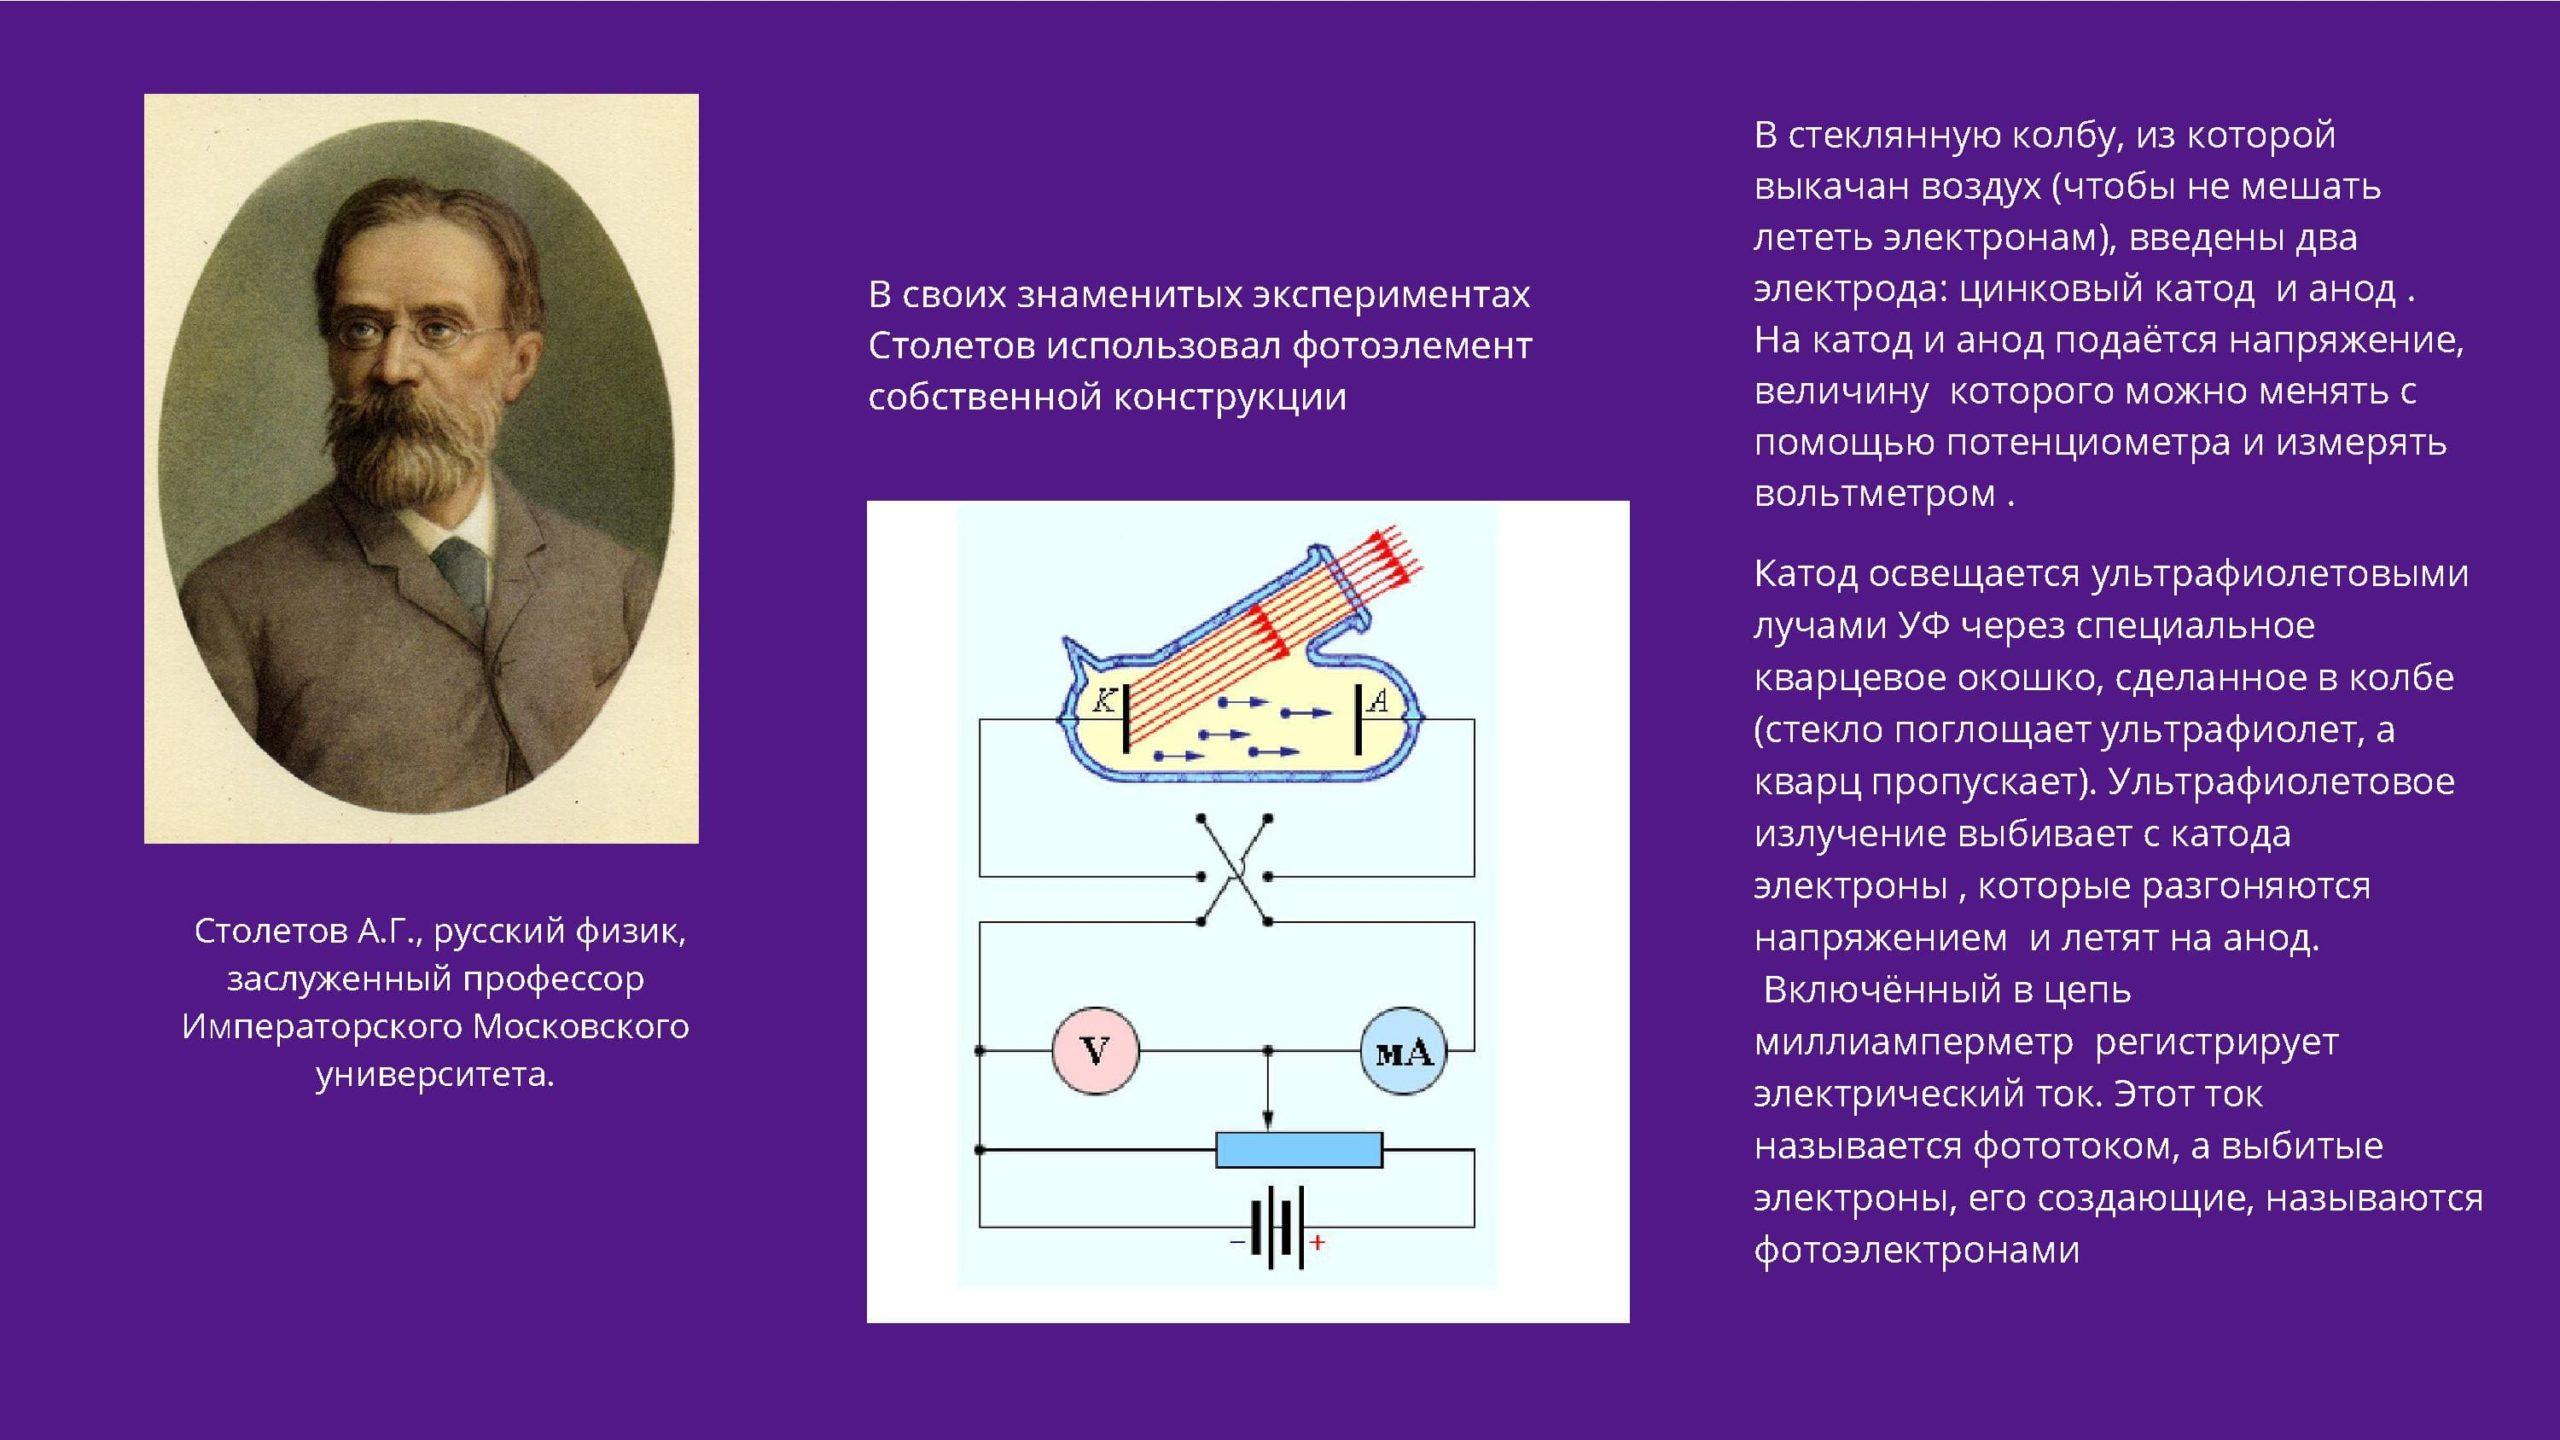 Столетов А.Г., русский физик